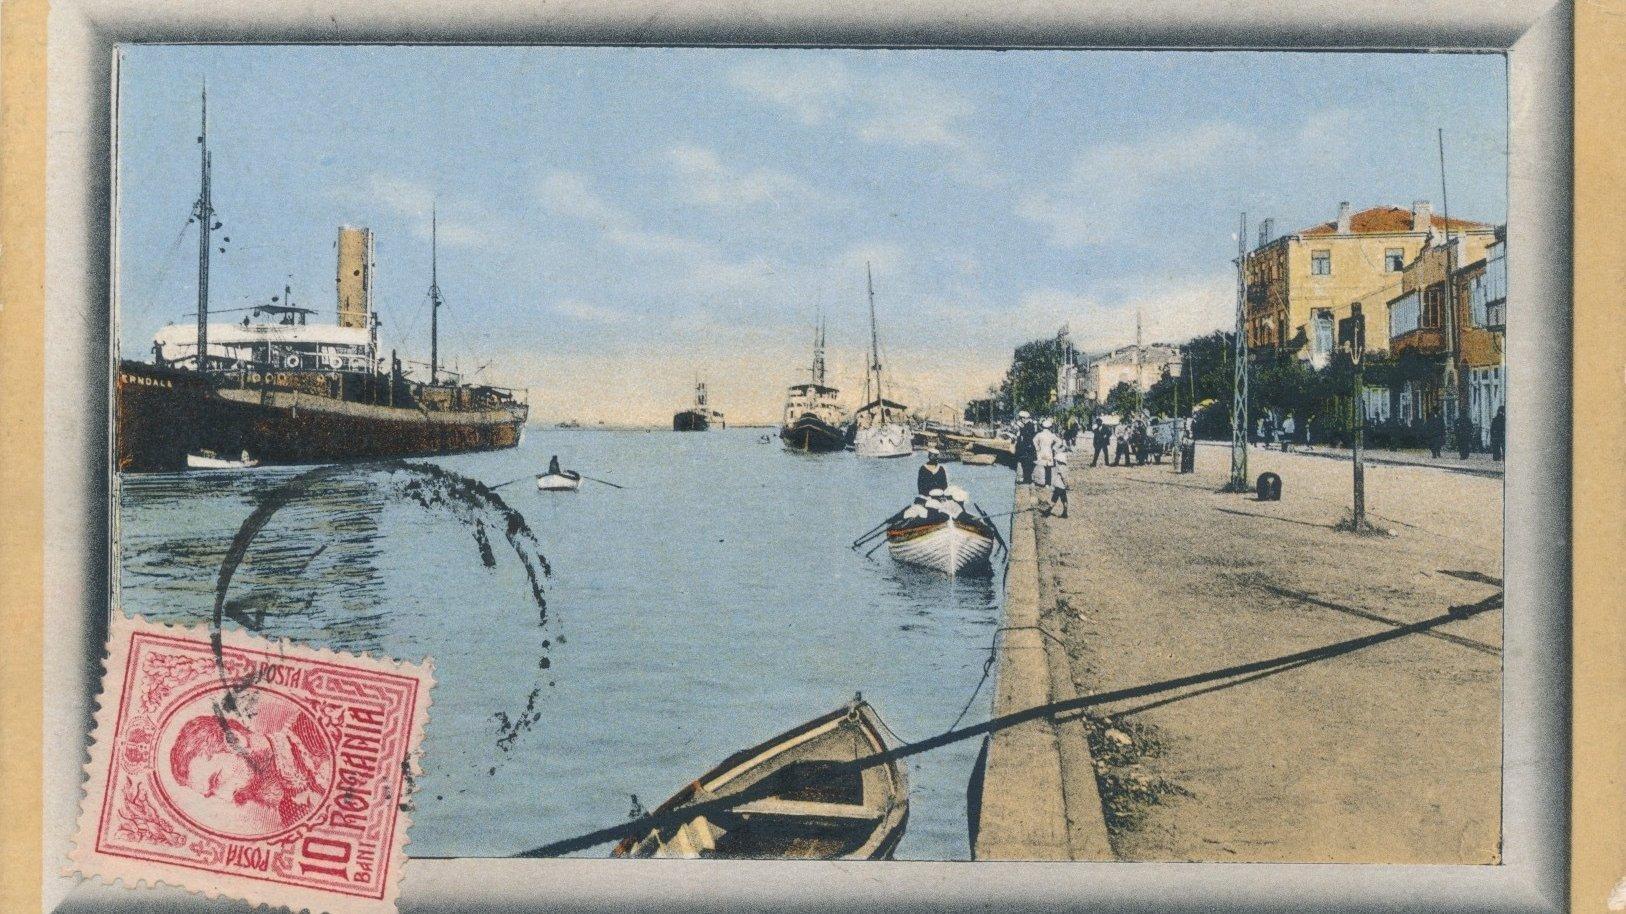 Alte illustrierte Postkarte mit Briefmarke mit Fluss, Häusern, Schiffen, Menschen